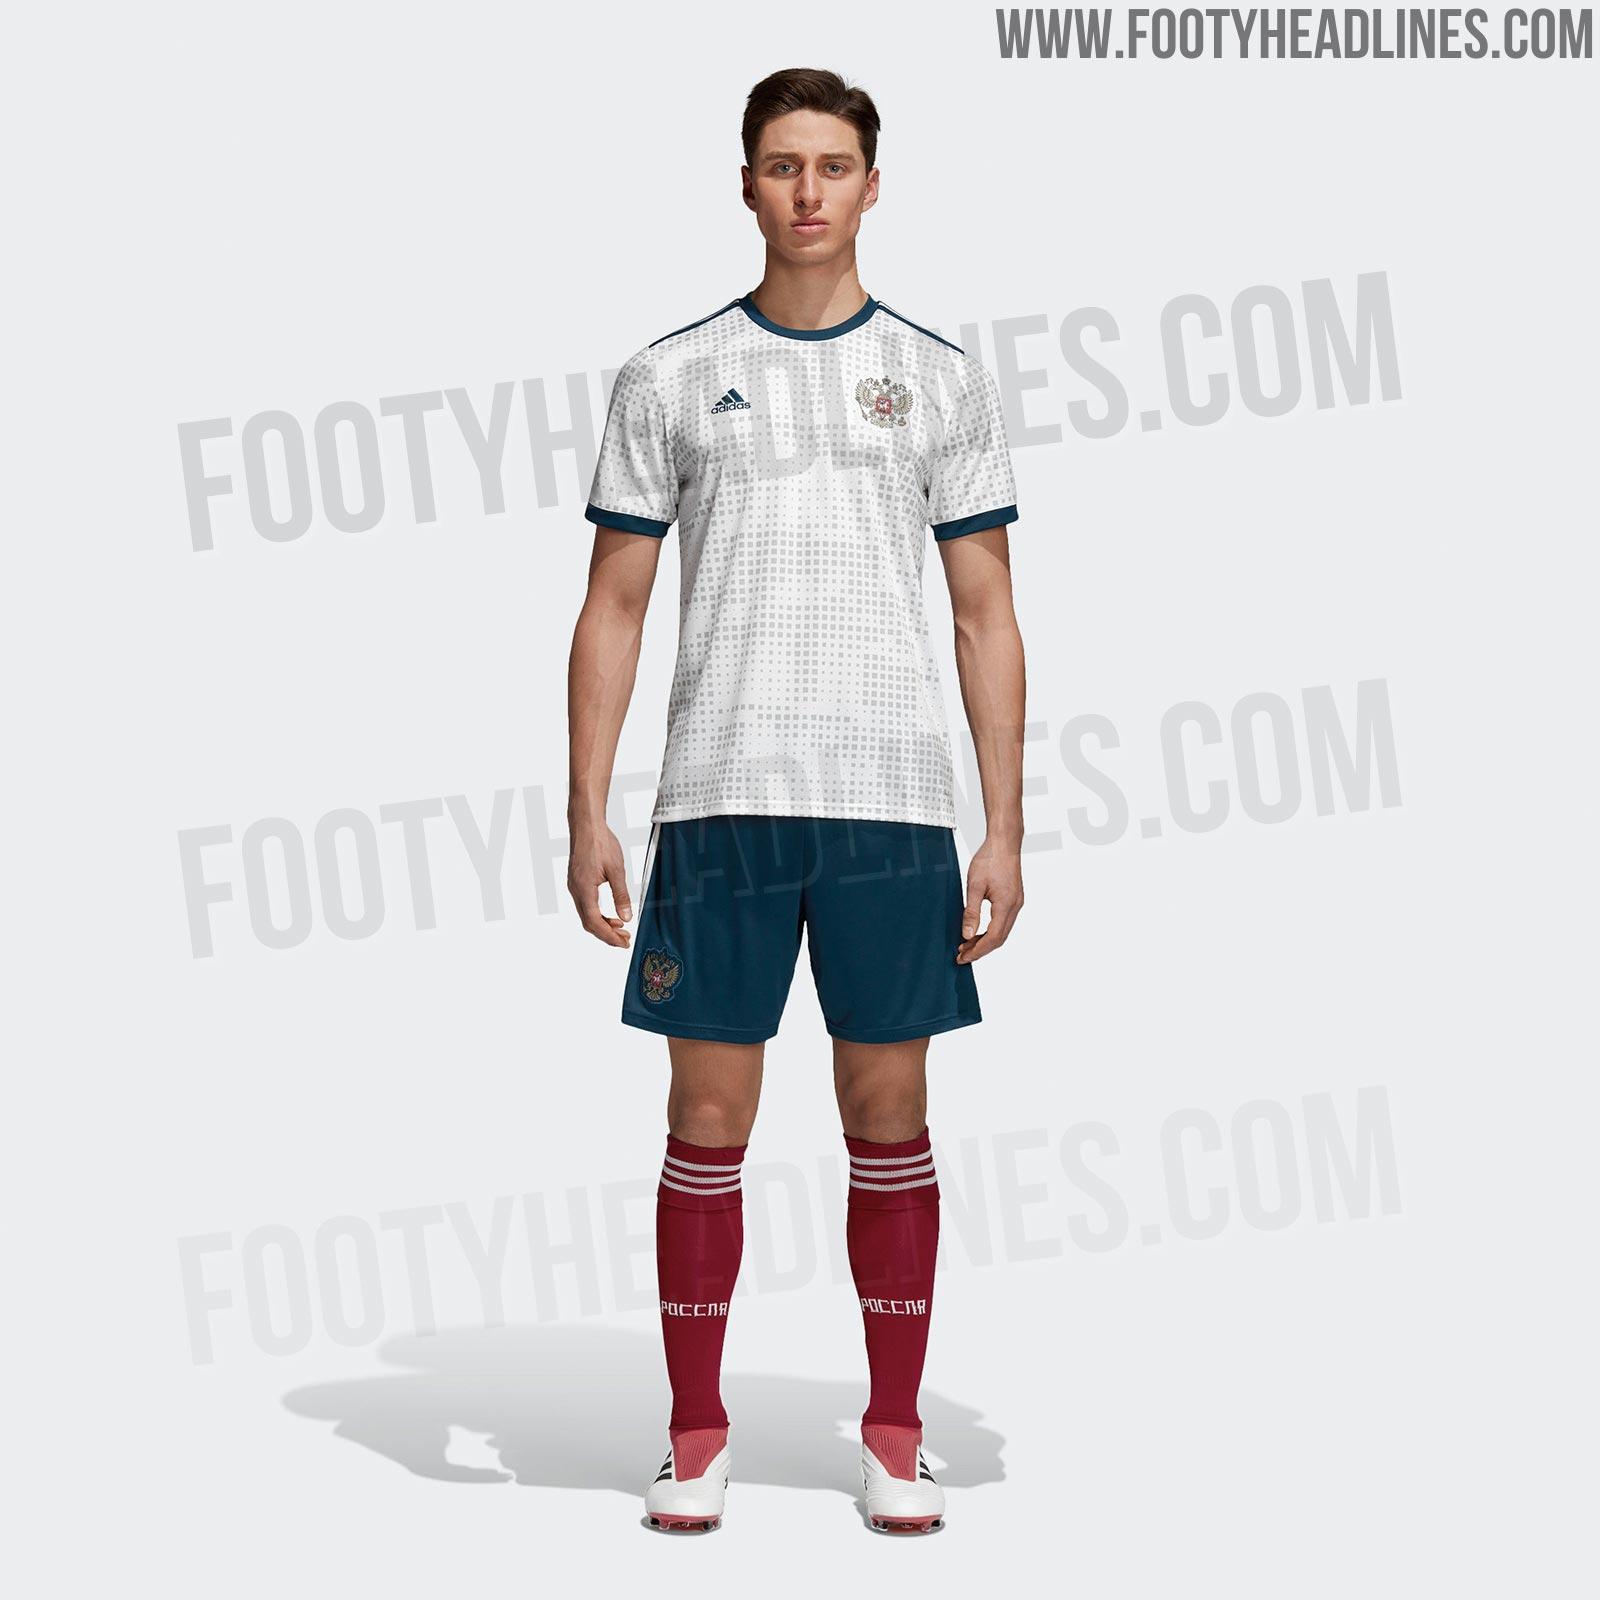 Uniforme reserva da Rússia para a Copa de 2018 (Reprodução Footy Headlines) 864a7bd095a9c